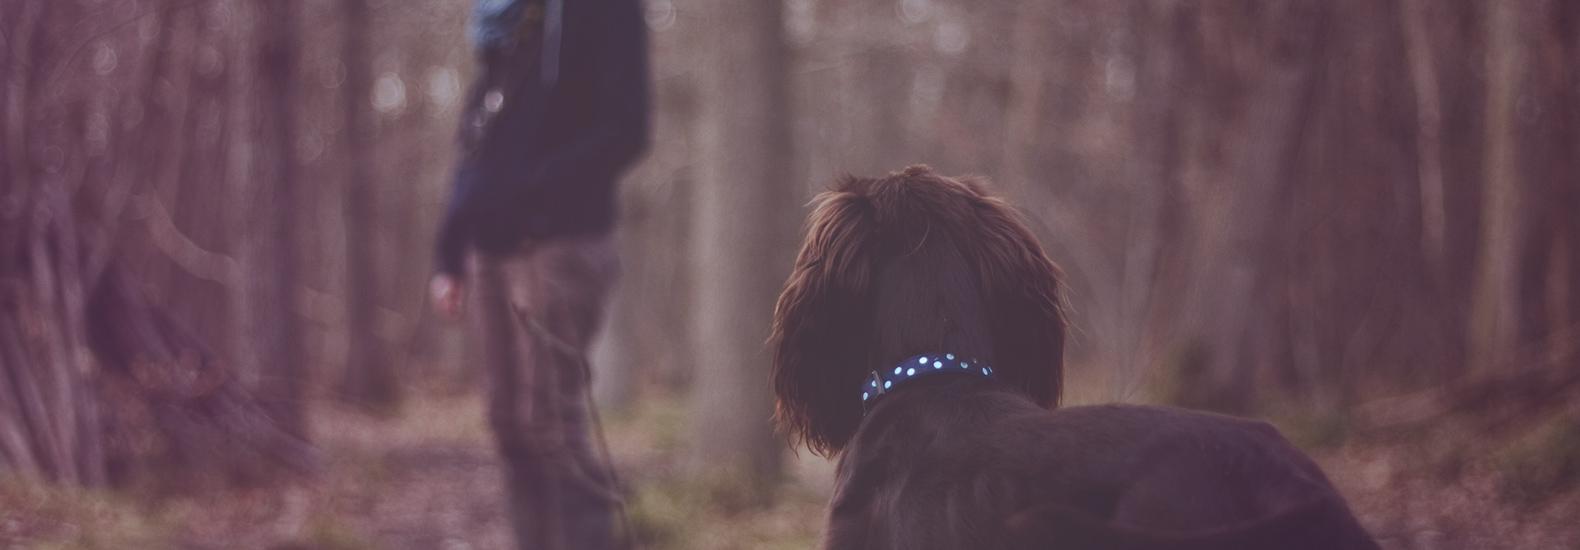 Se disparan los casos de perros robados en parques en España